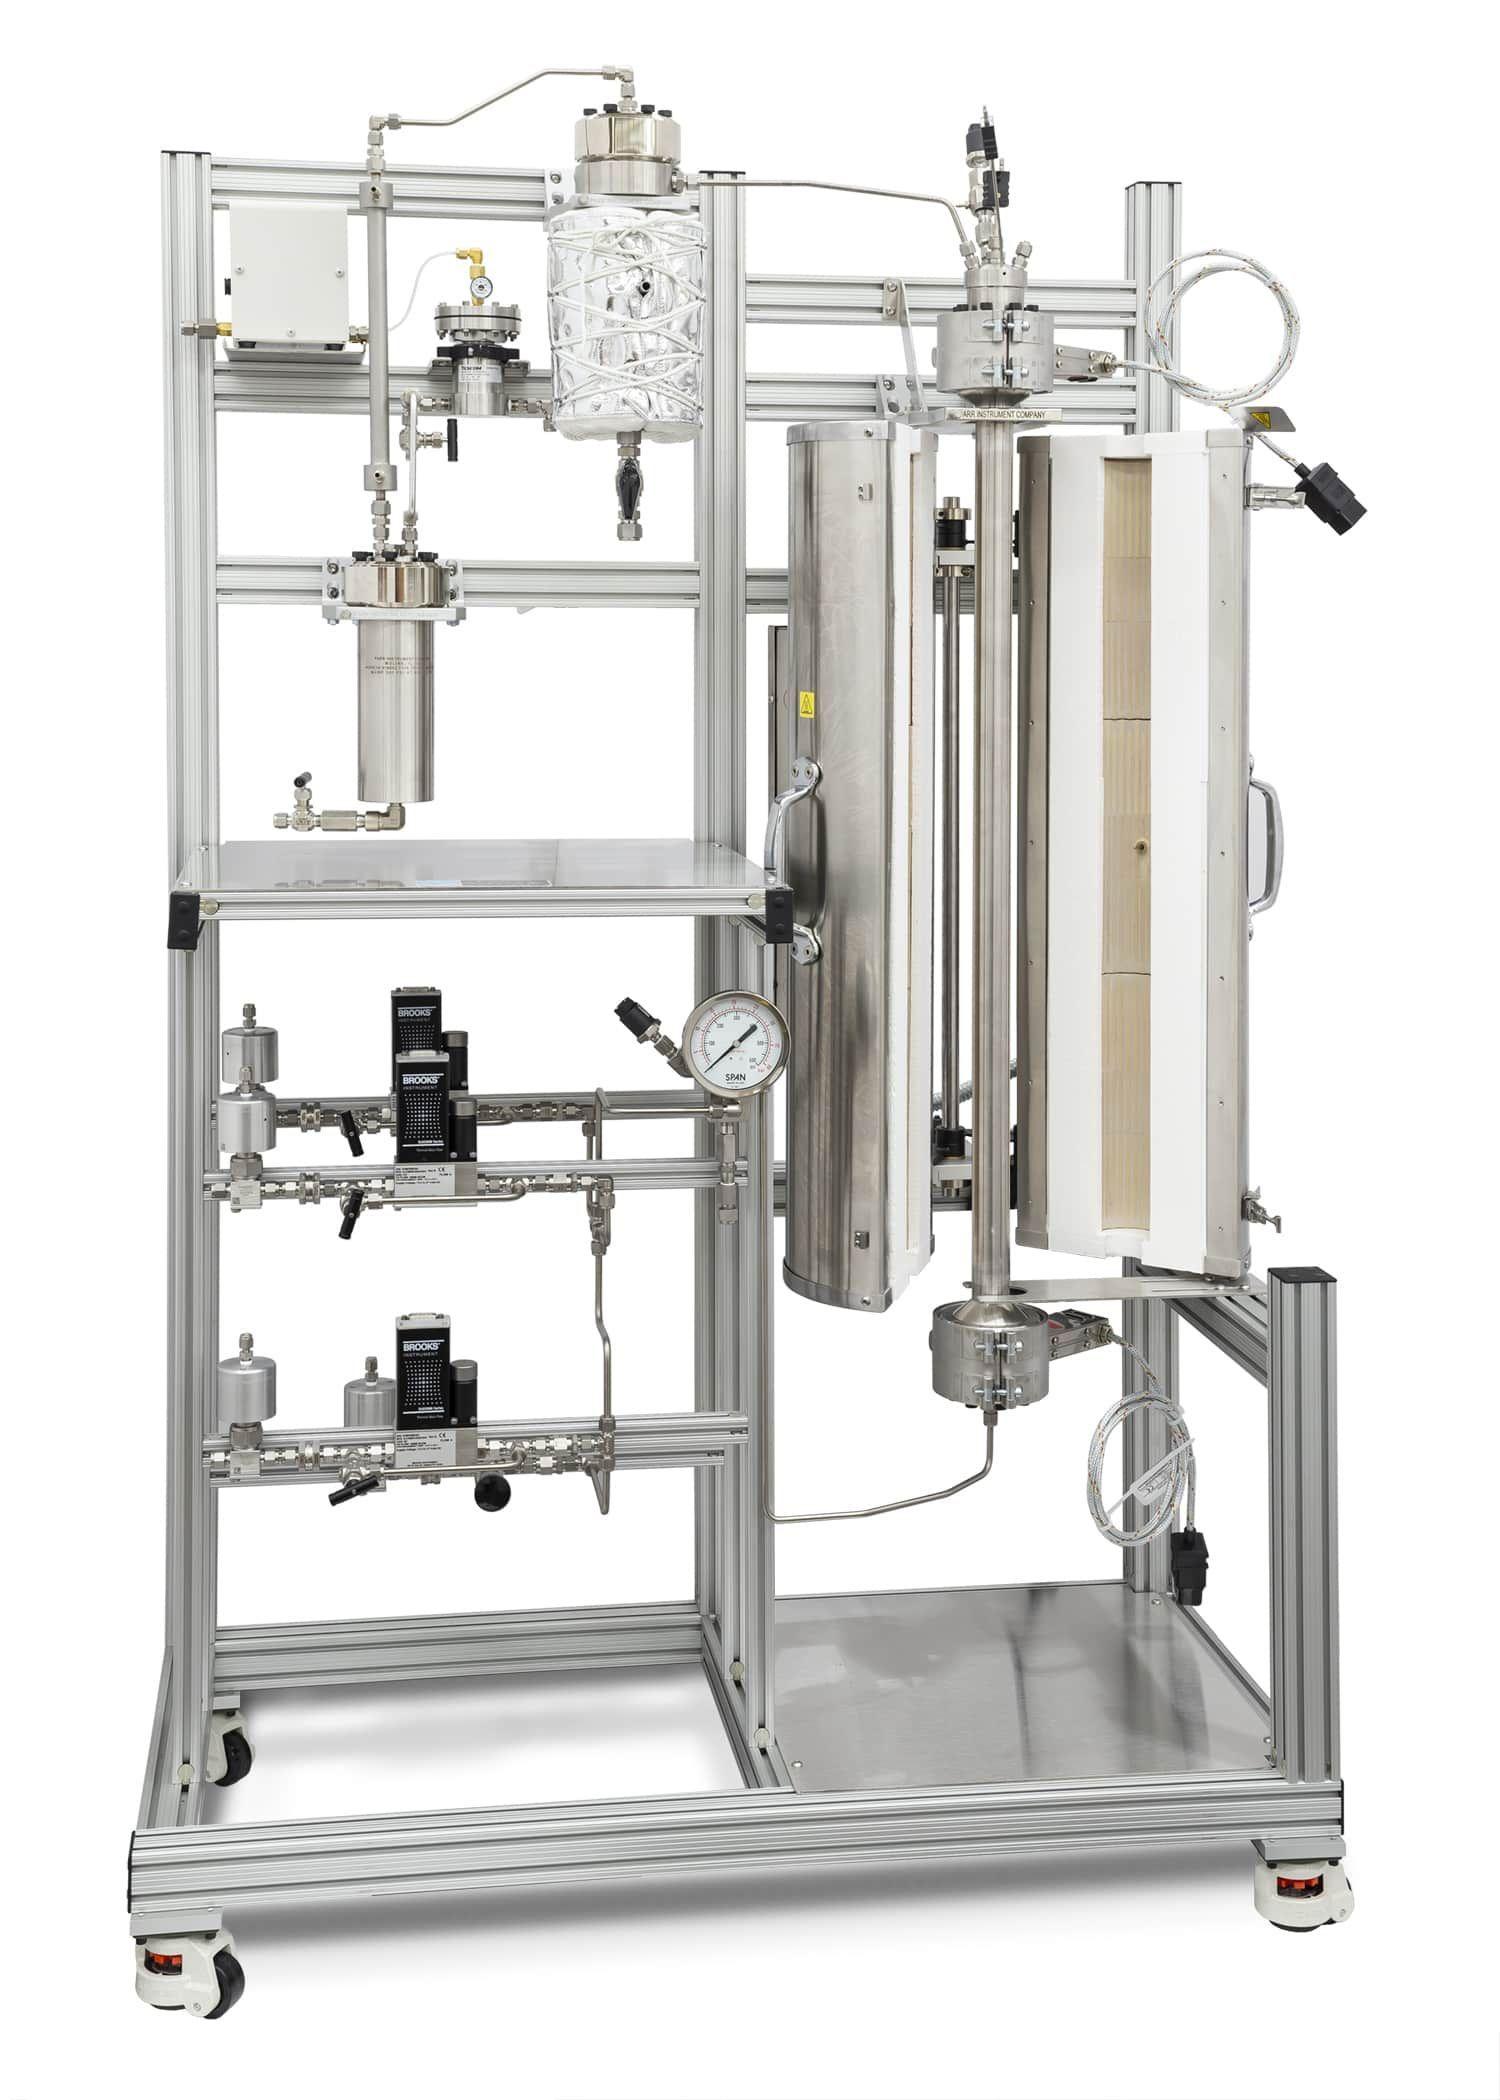 Parr Instrument 5410 Company Fluidized Bed Reactors